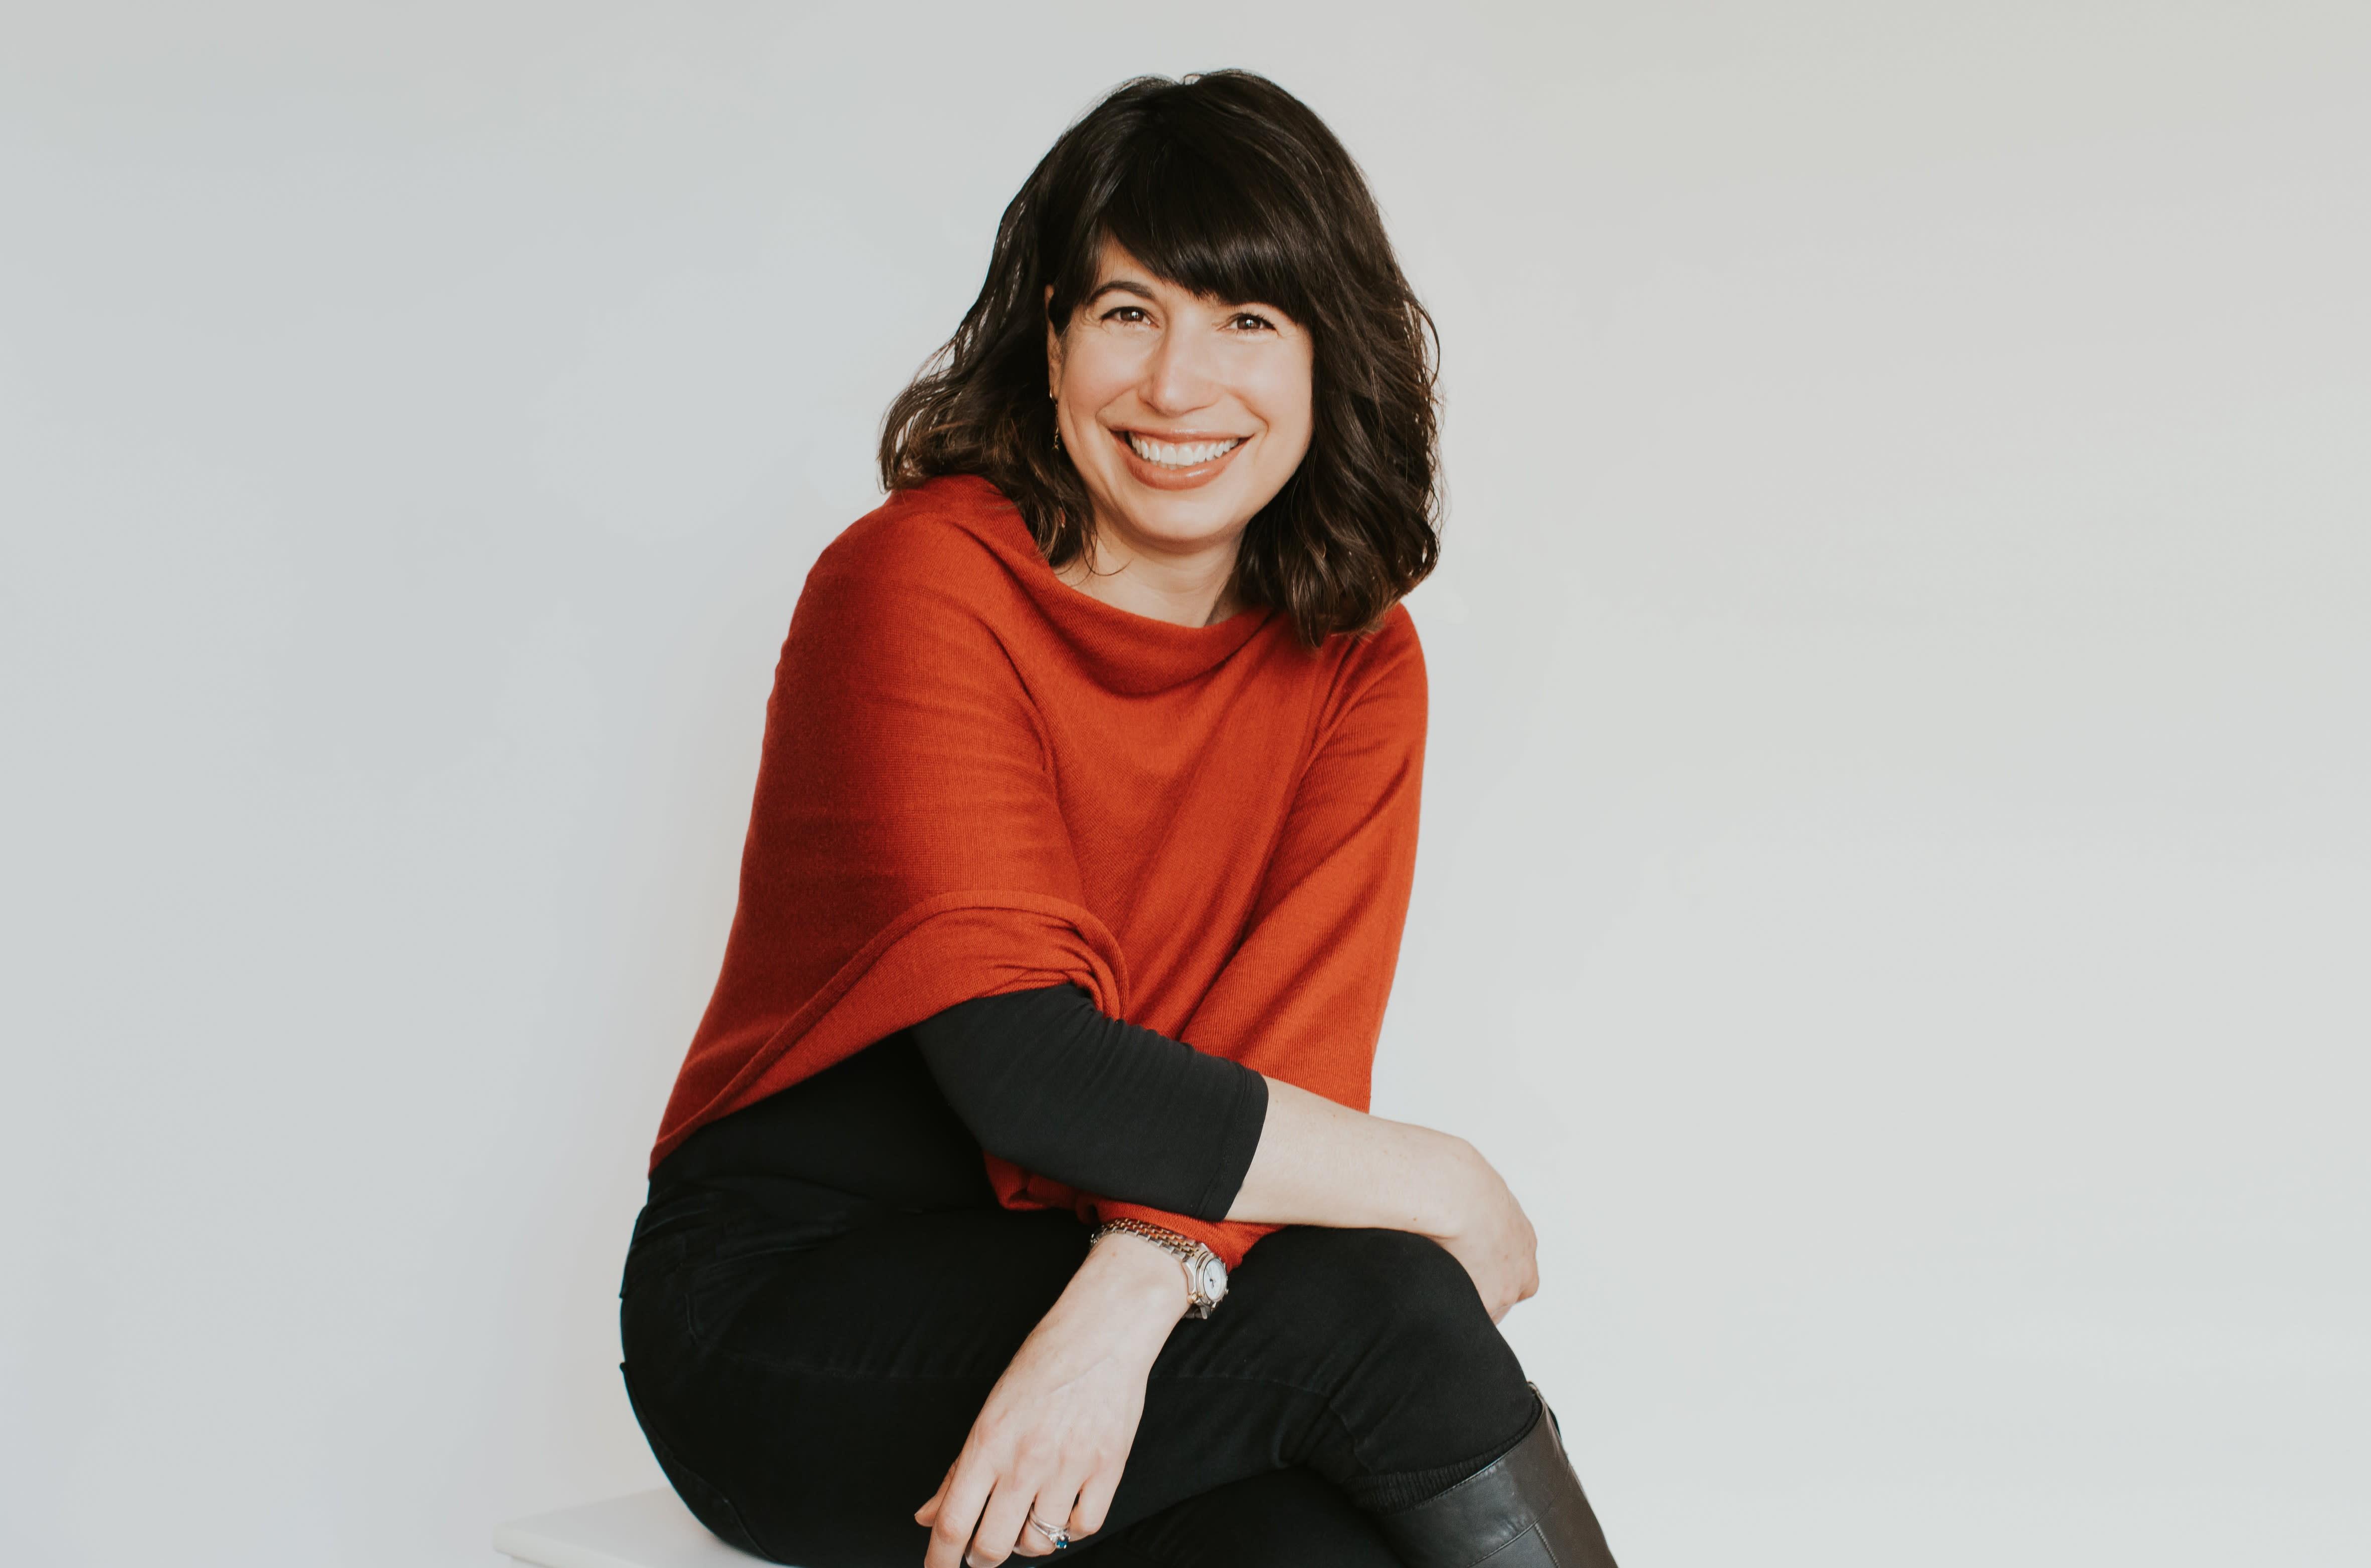 Photo of Jamie Strausz-Clark